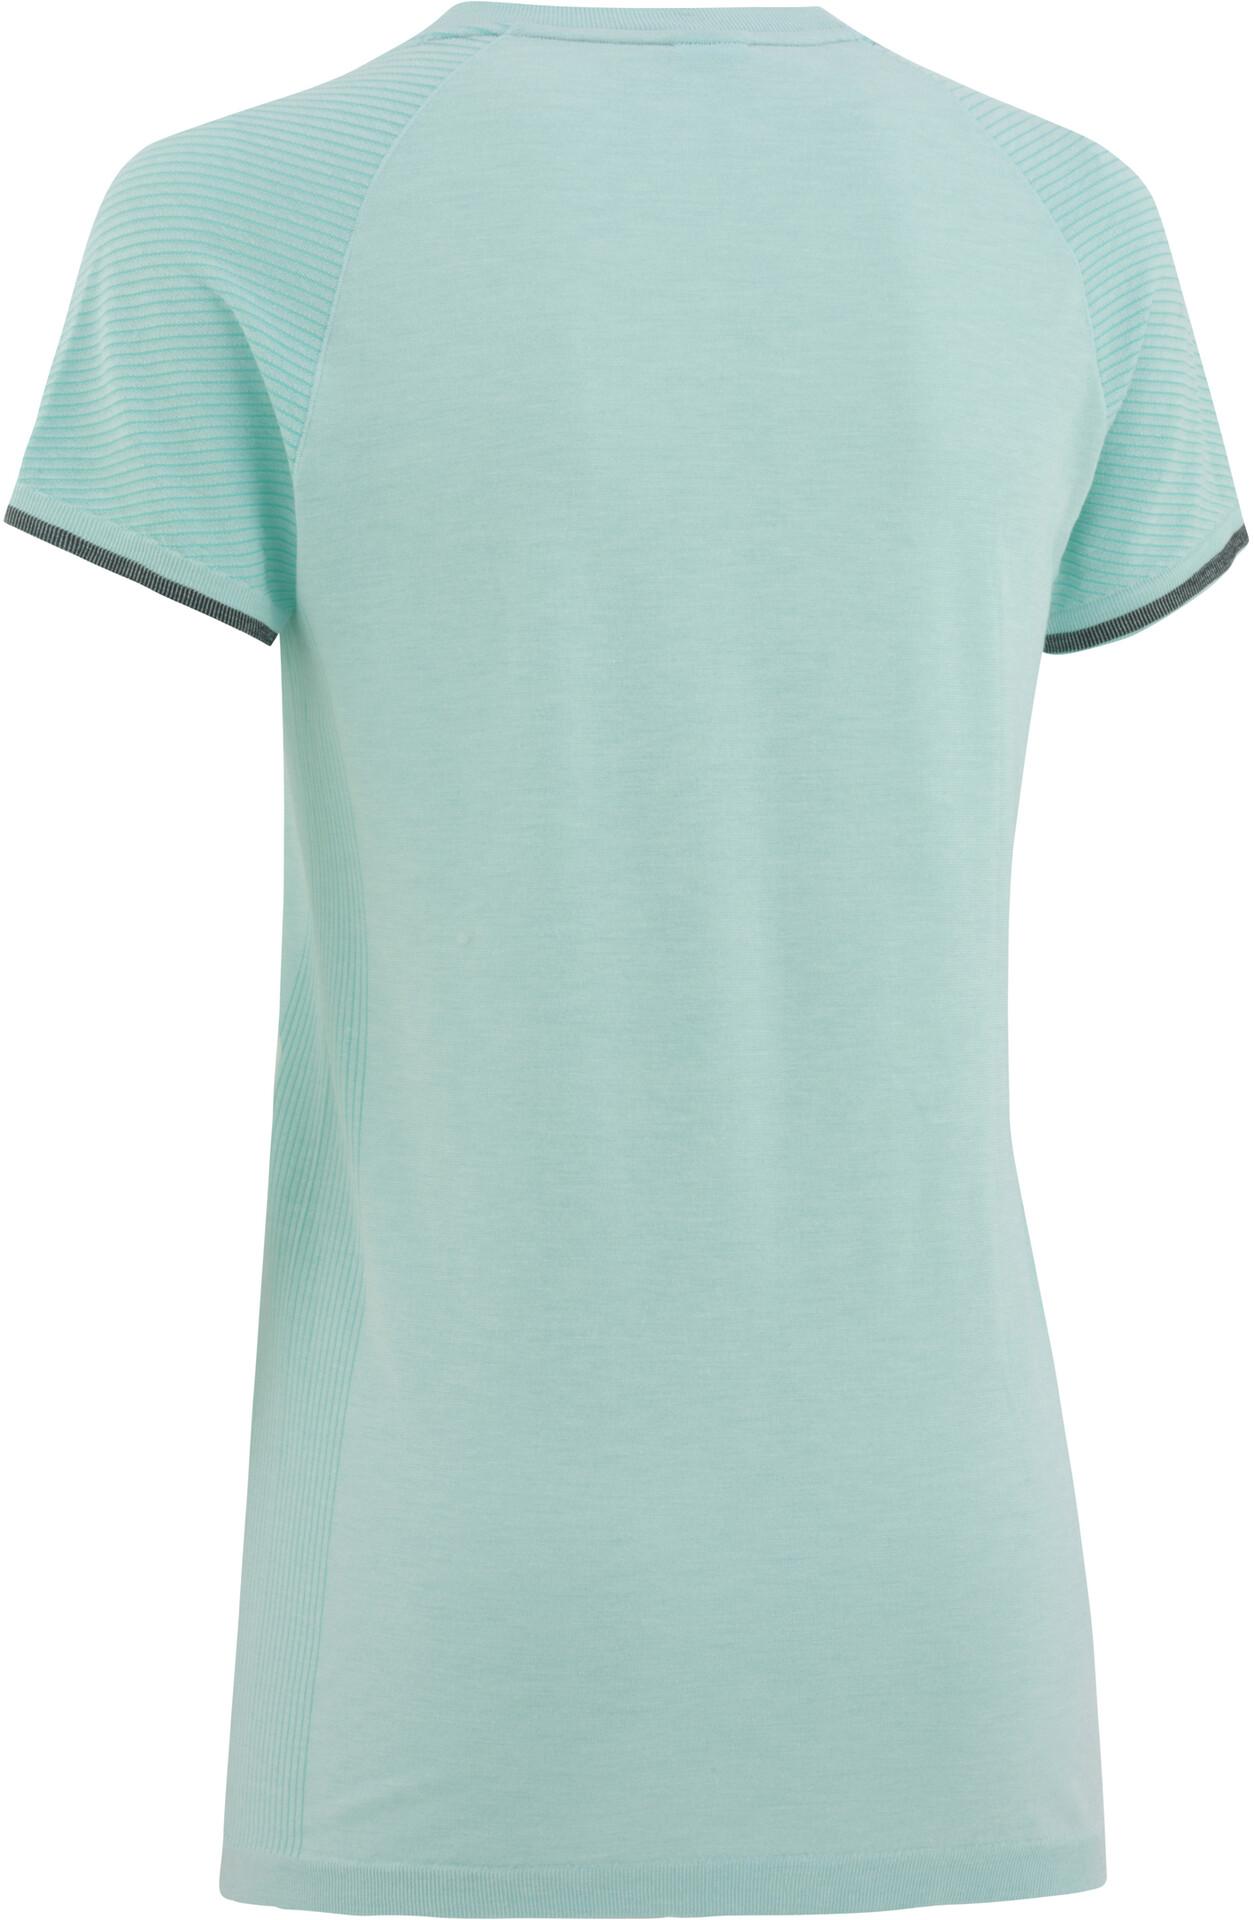 Qzuvpsm Tshirt Et Achetez Venum Vêtements Homme Comparez SUVpGjLzMq